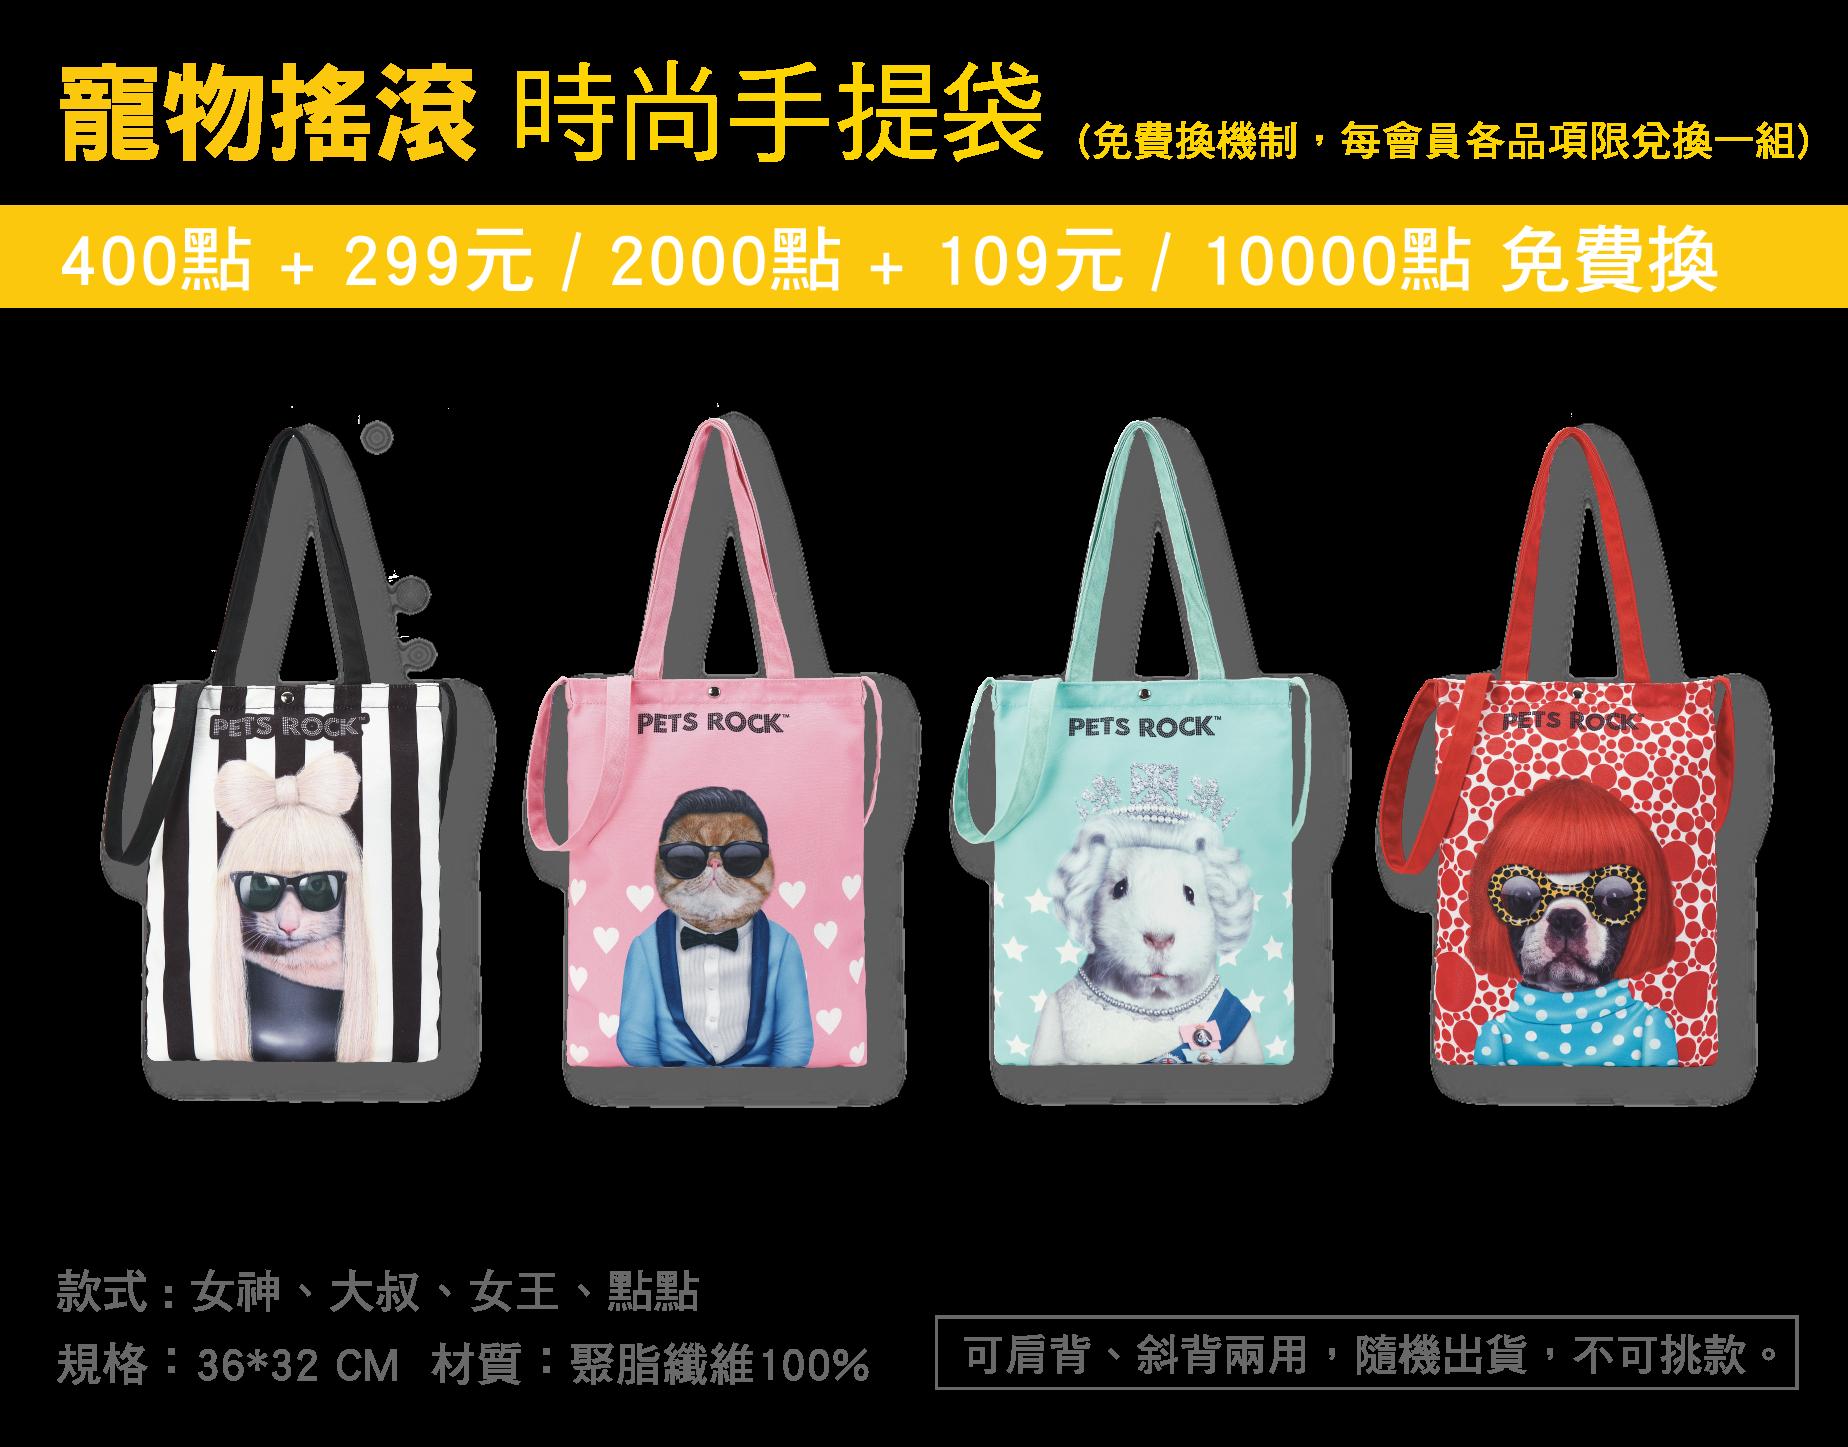 寵物搖滾 時尚手提袋(女神、大叔、女王、點點)